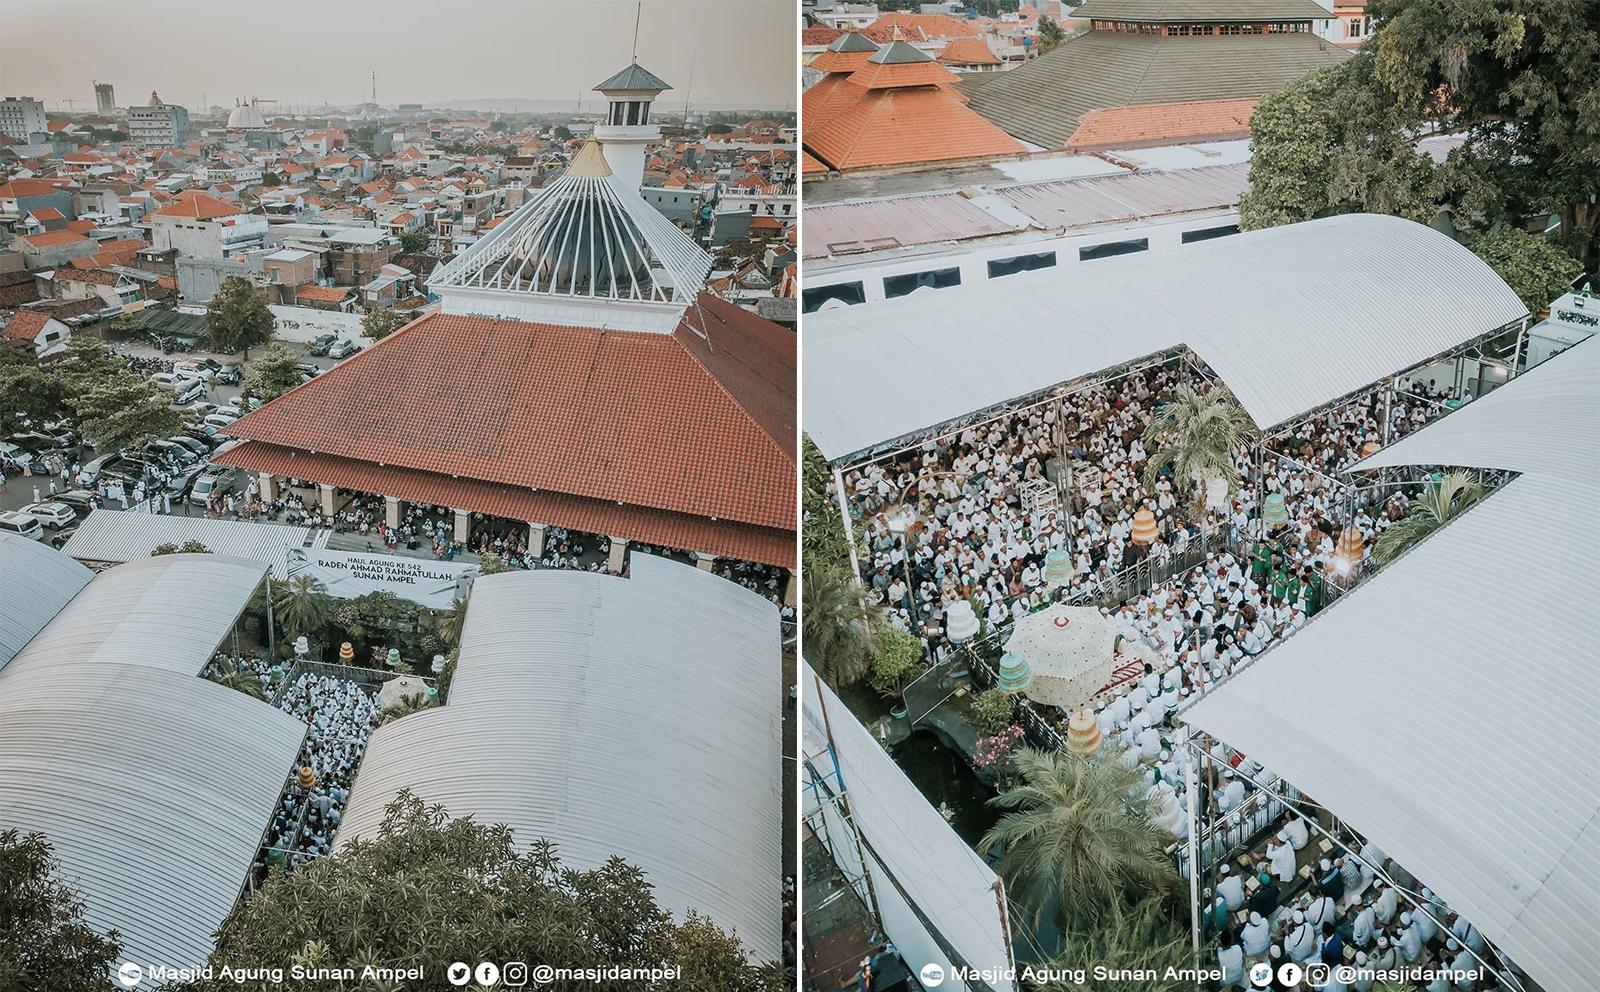 Masjid Agung Sunan Ampel difoto dari atas